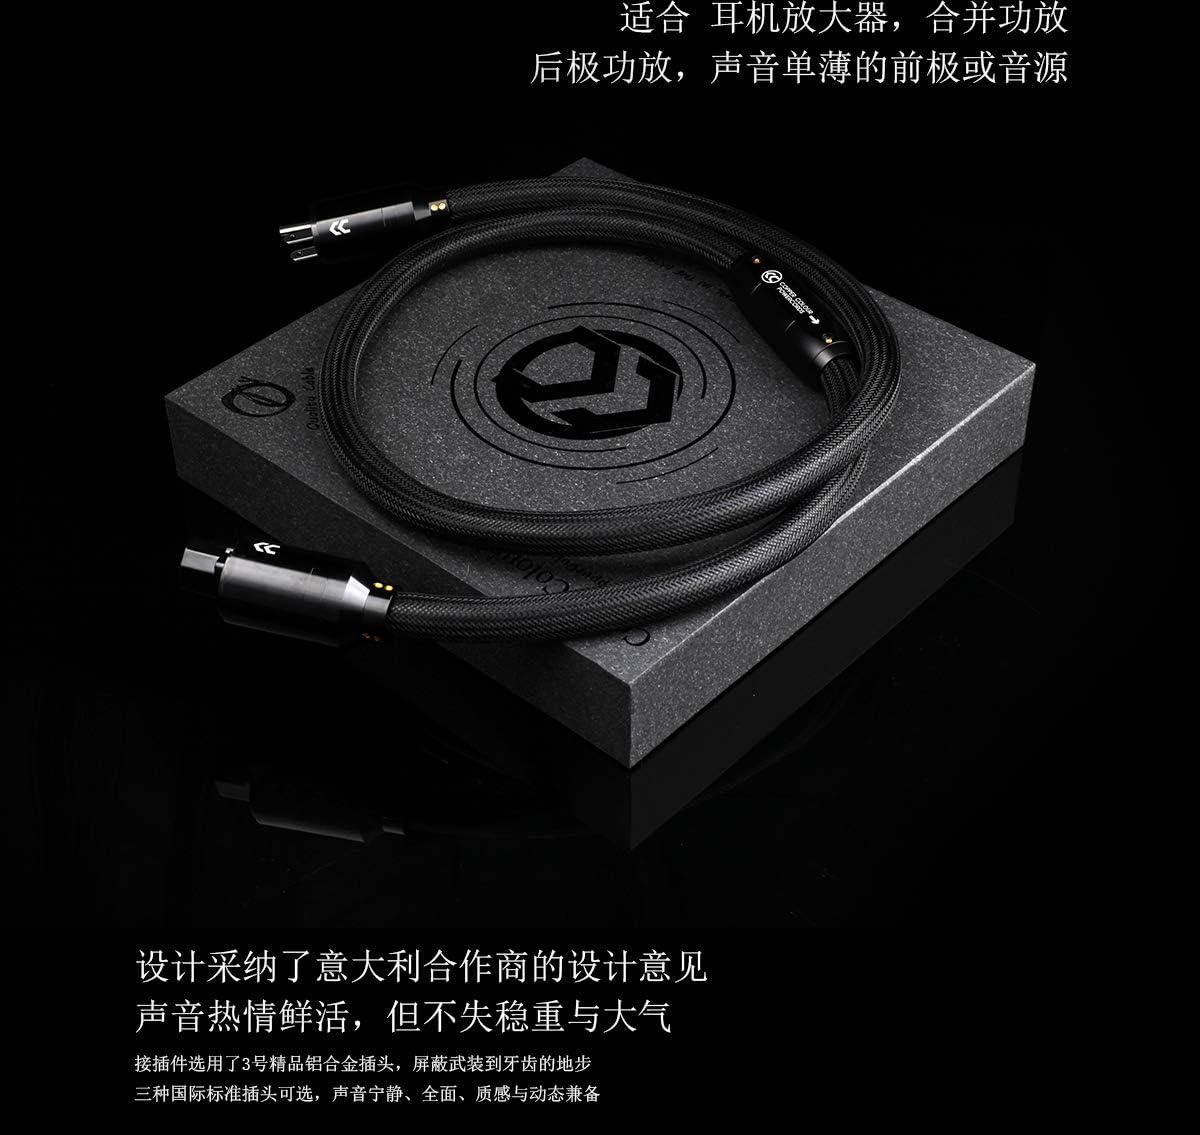 6.65 ft CopperColour CC Pantheon Teflon Audiophile Power Cord US Plug OFC 9mm2 OD=20mm 2m